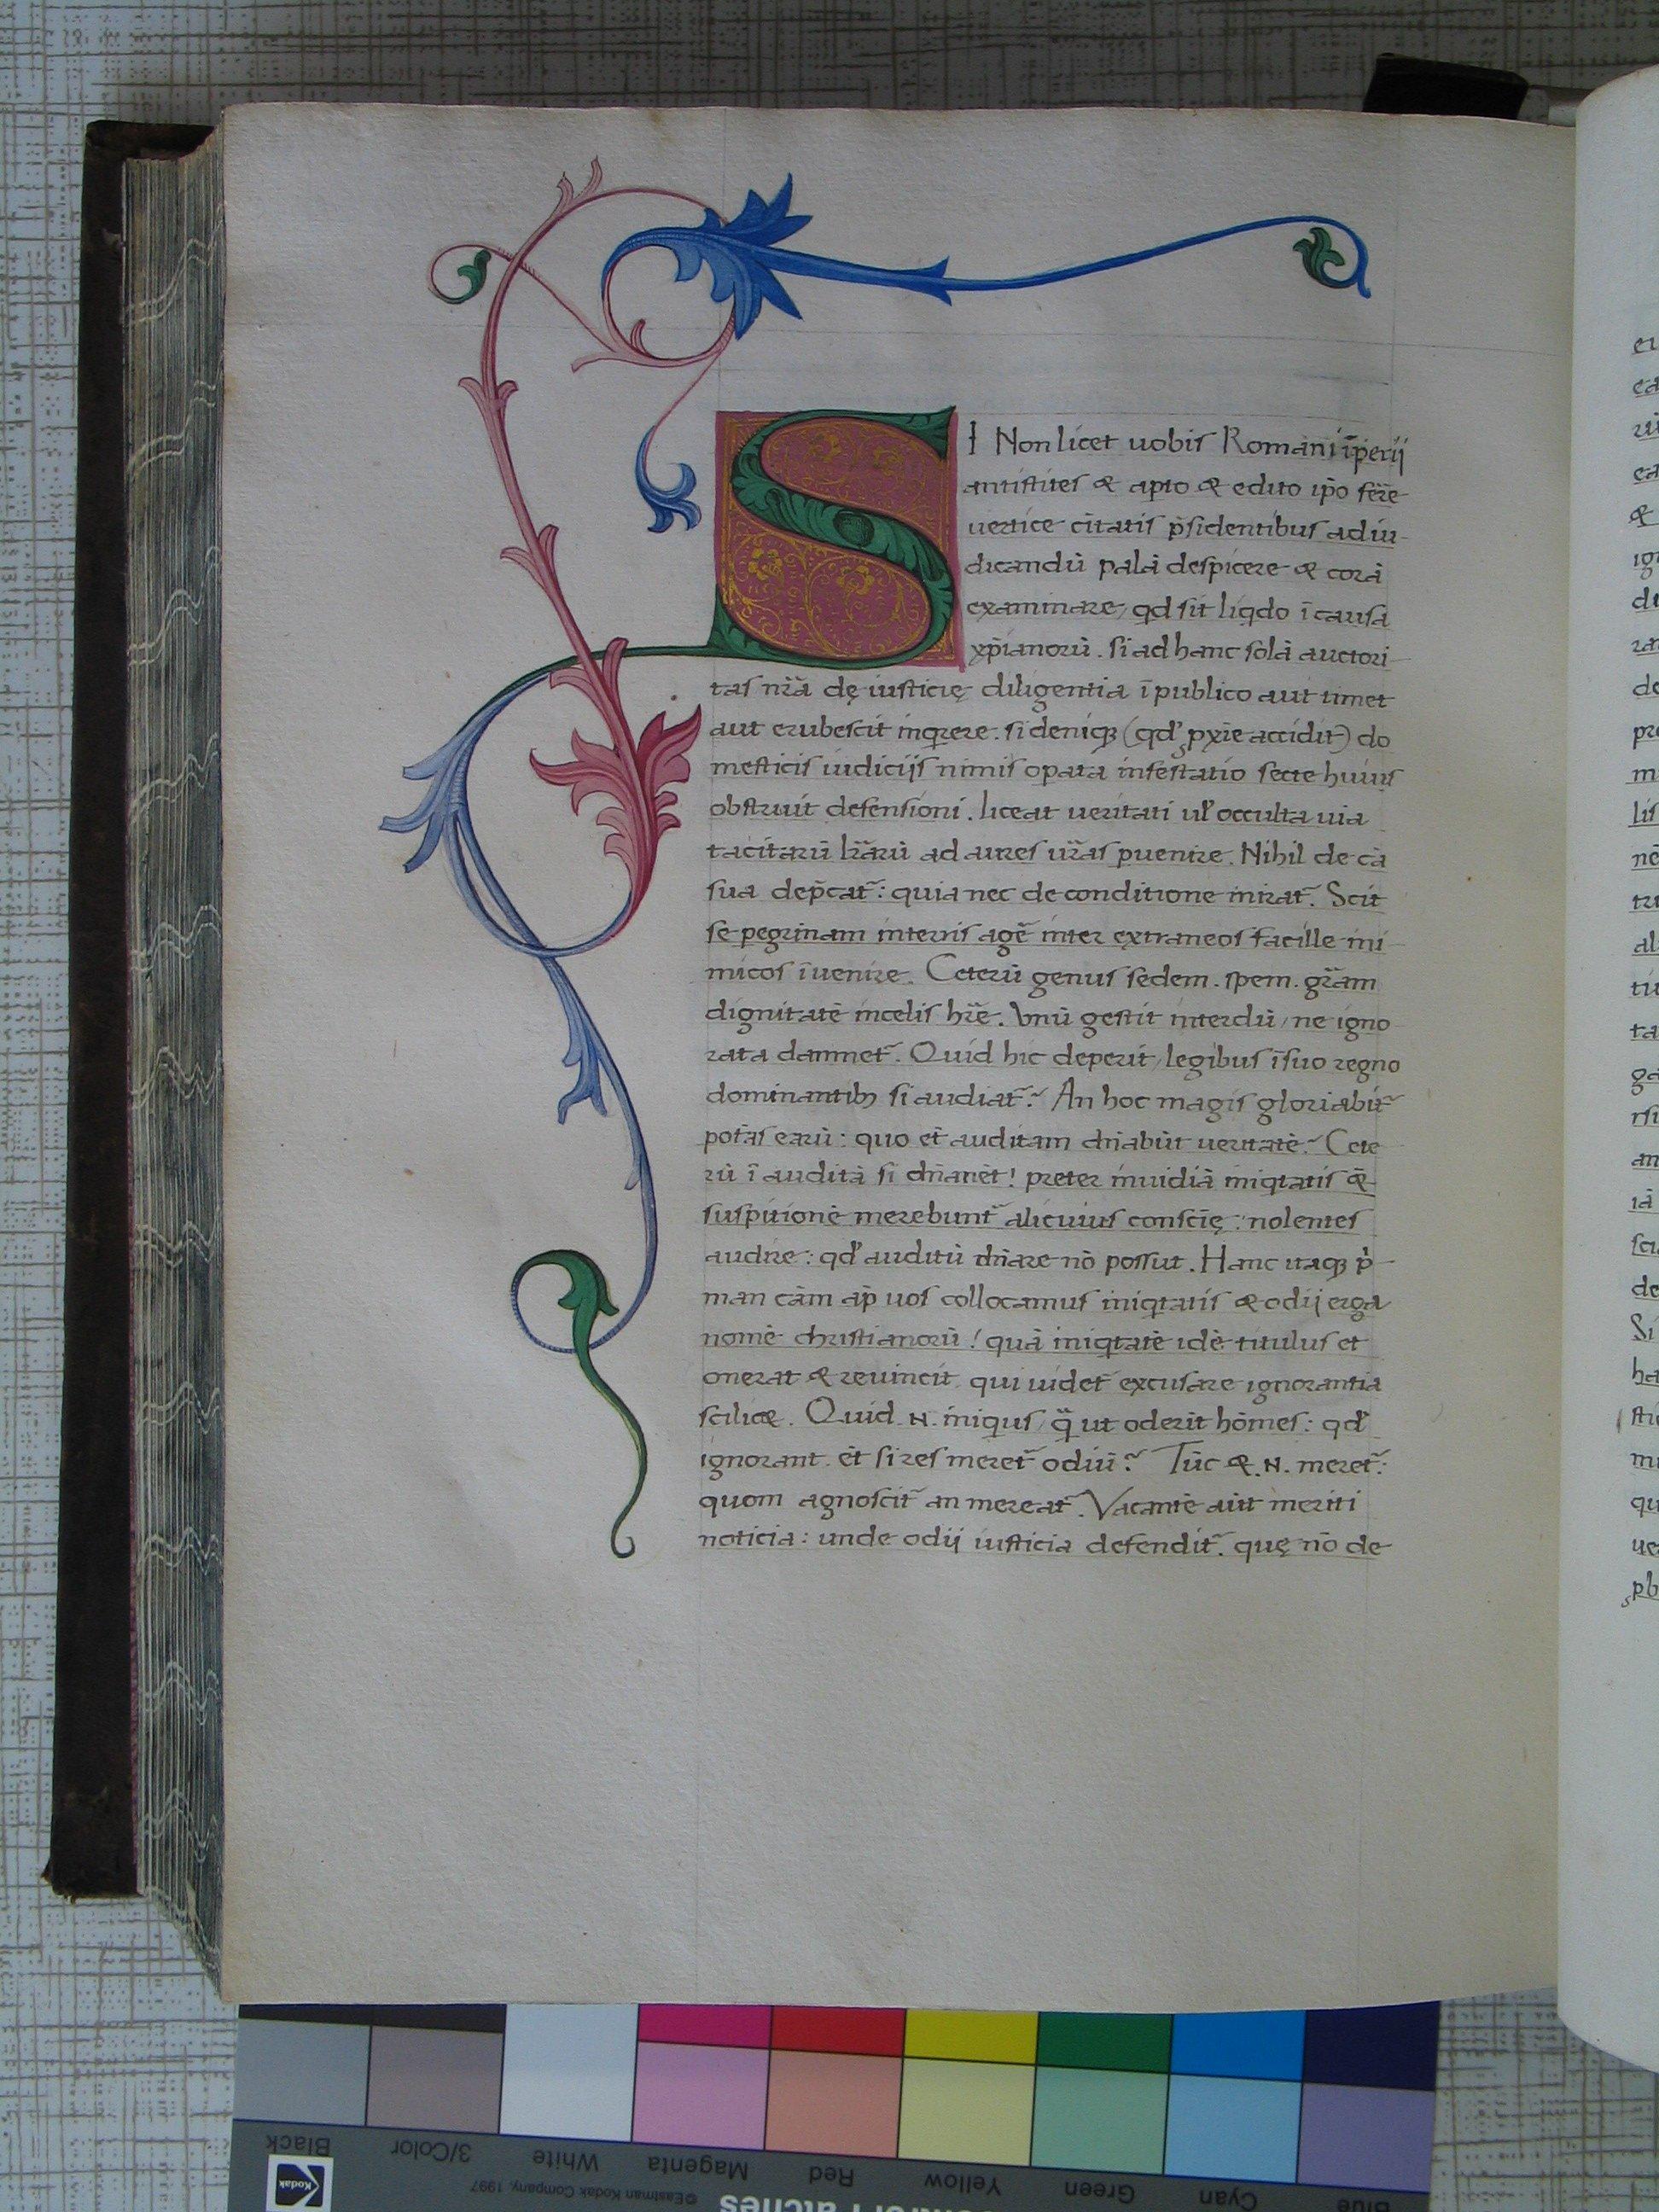 http://www.tertullian.org/manuscripts_apologeticum/seitenstetten_30/f233v.jpg